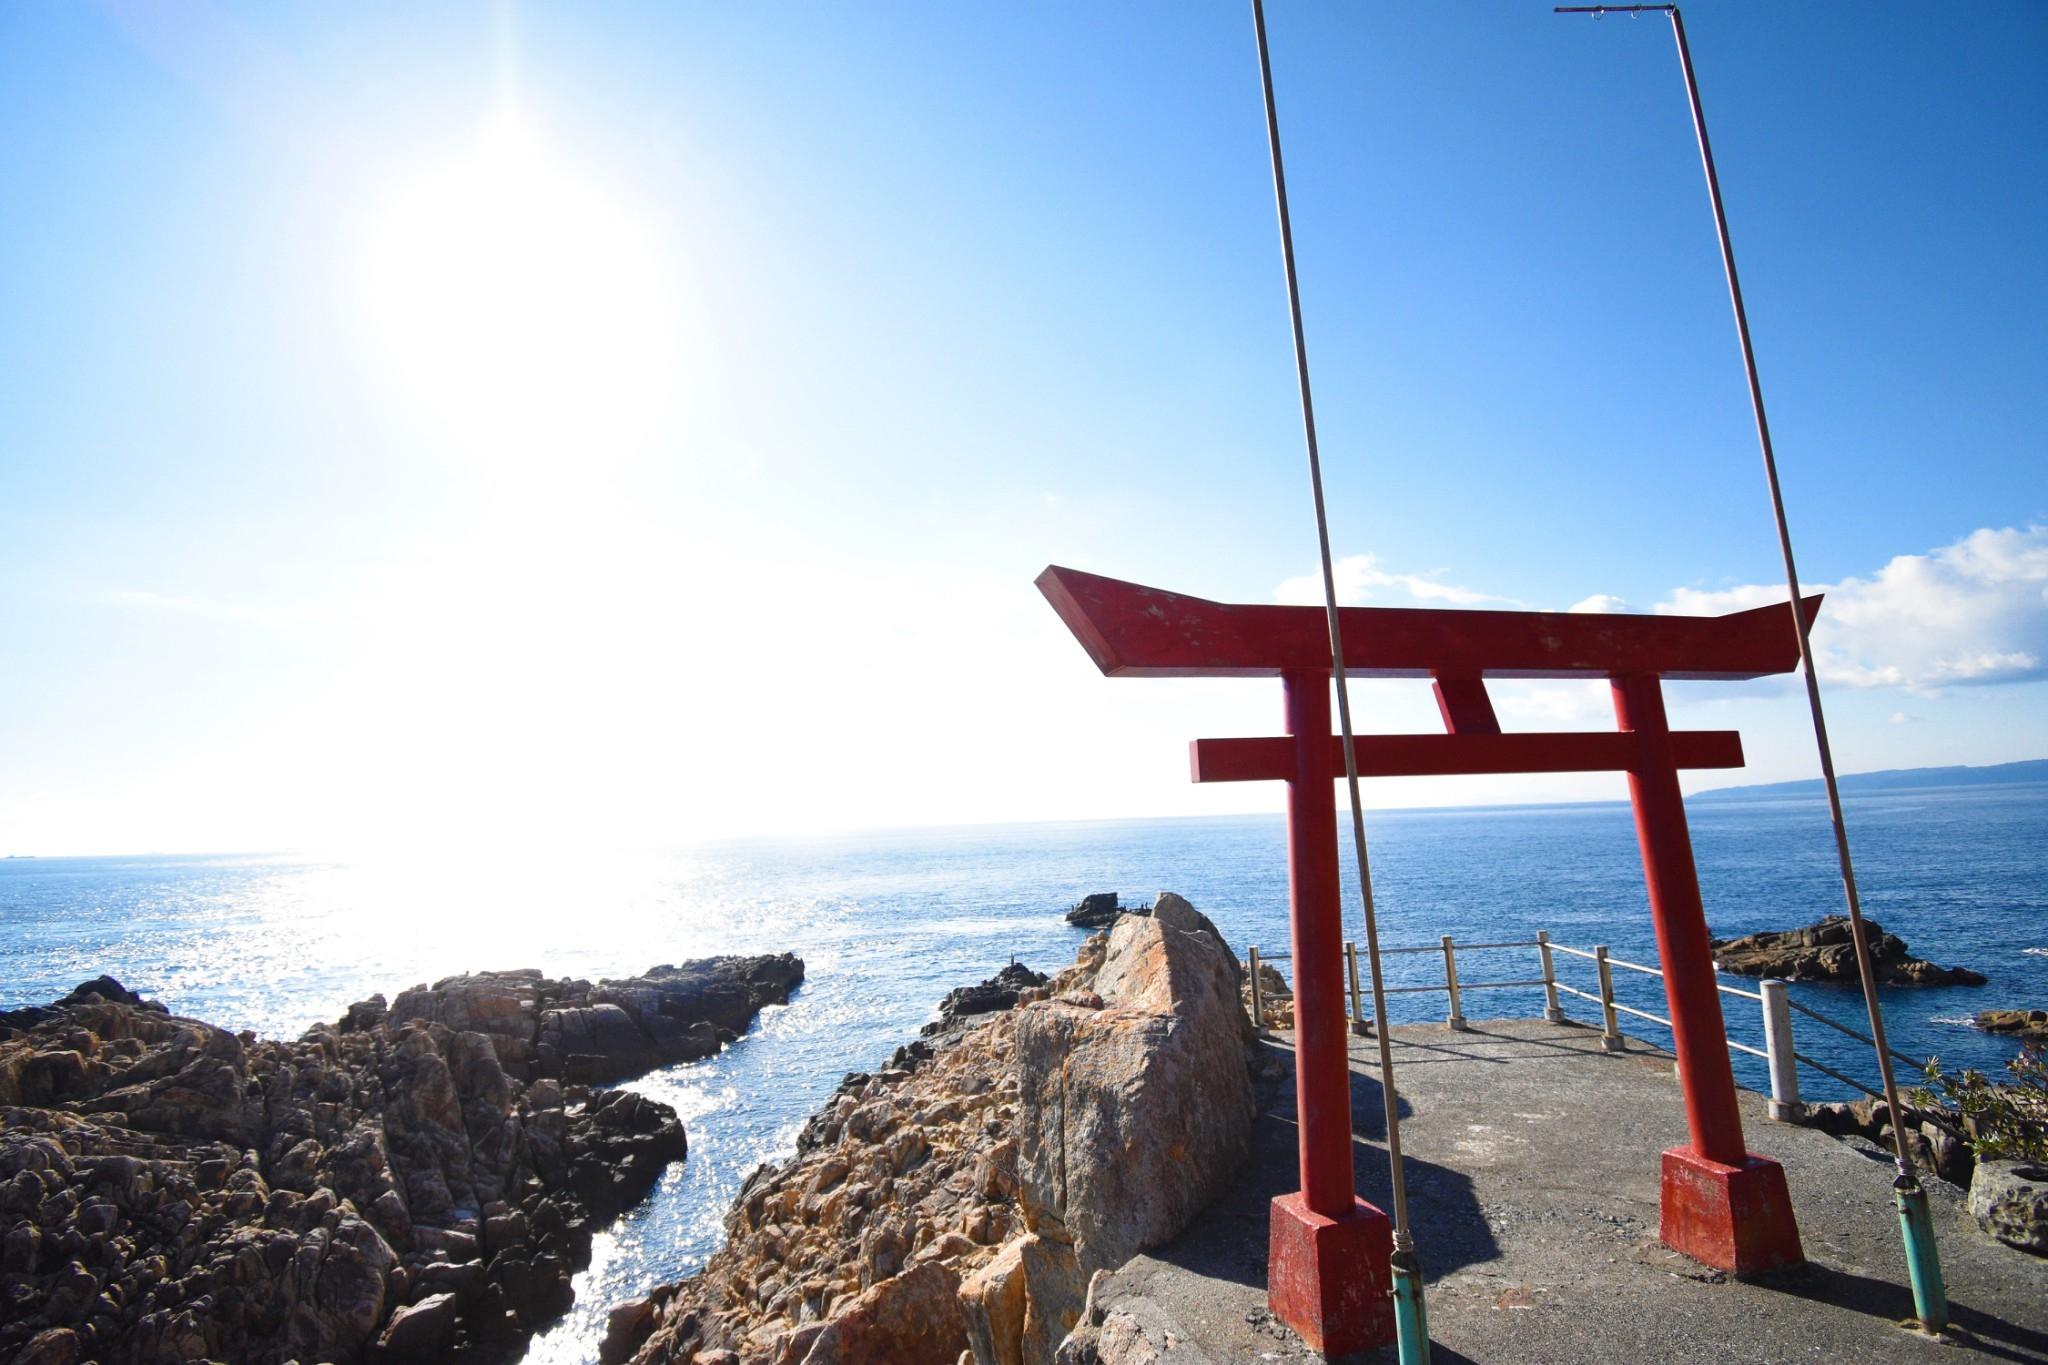 神話!海の神様が眠る土佐清水のパワースポット「竜宮神社」